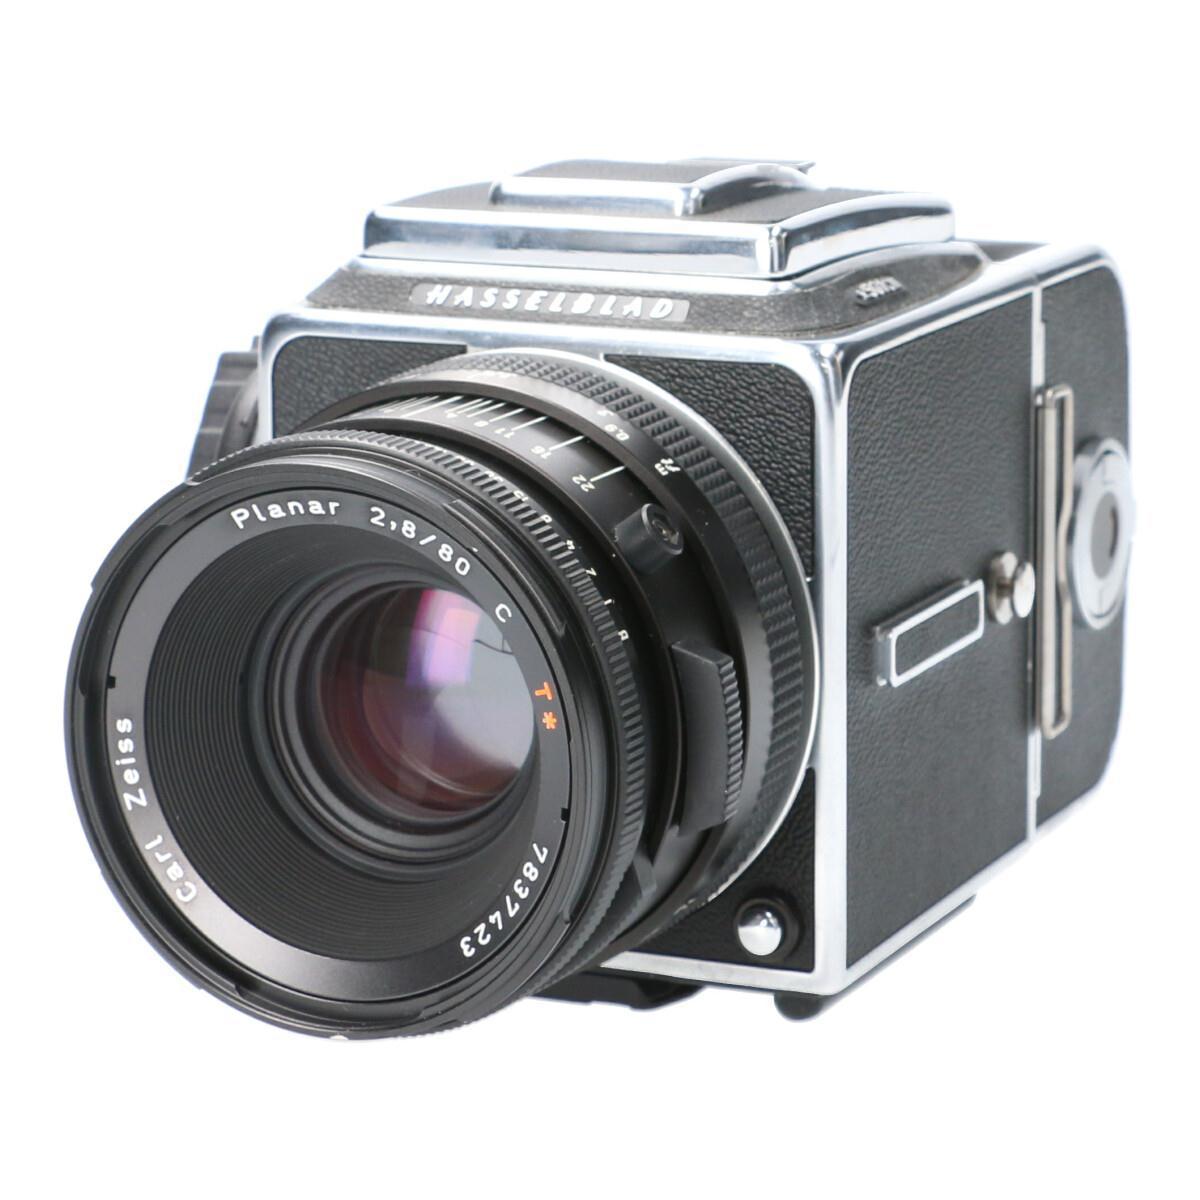 フィルムカメラ, フィルム一眼レフカメラ HASSELBLAD 501CM C80mm F28 A12